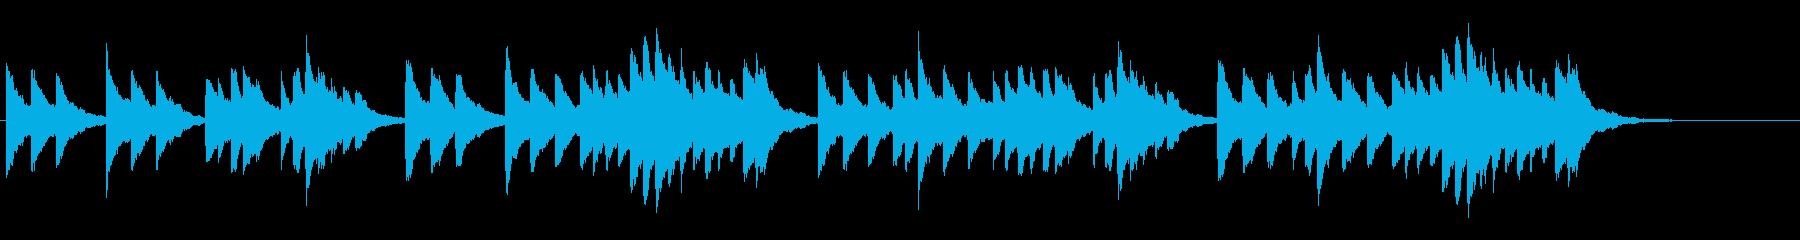 少しせつない感じのオルゴール曲ですの再生済みの波形